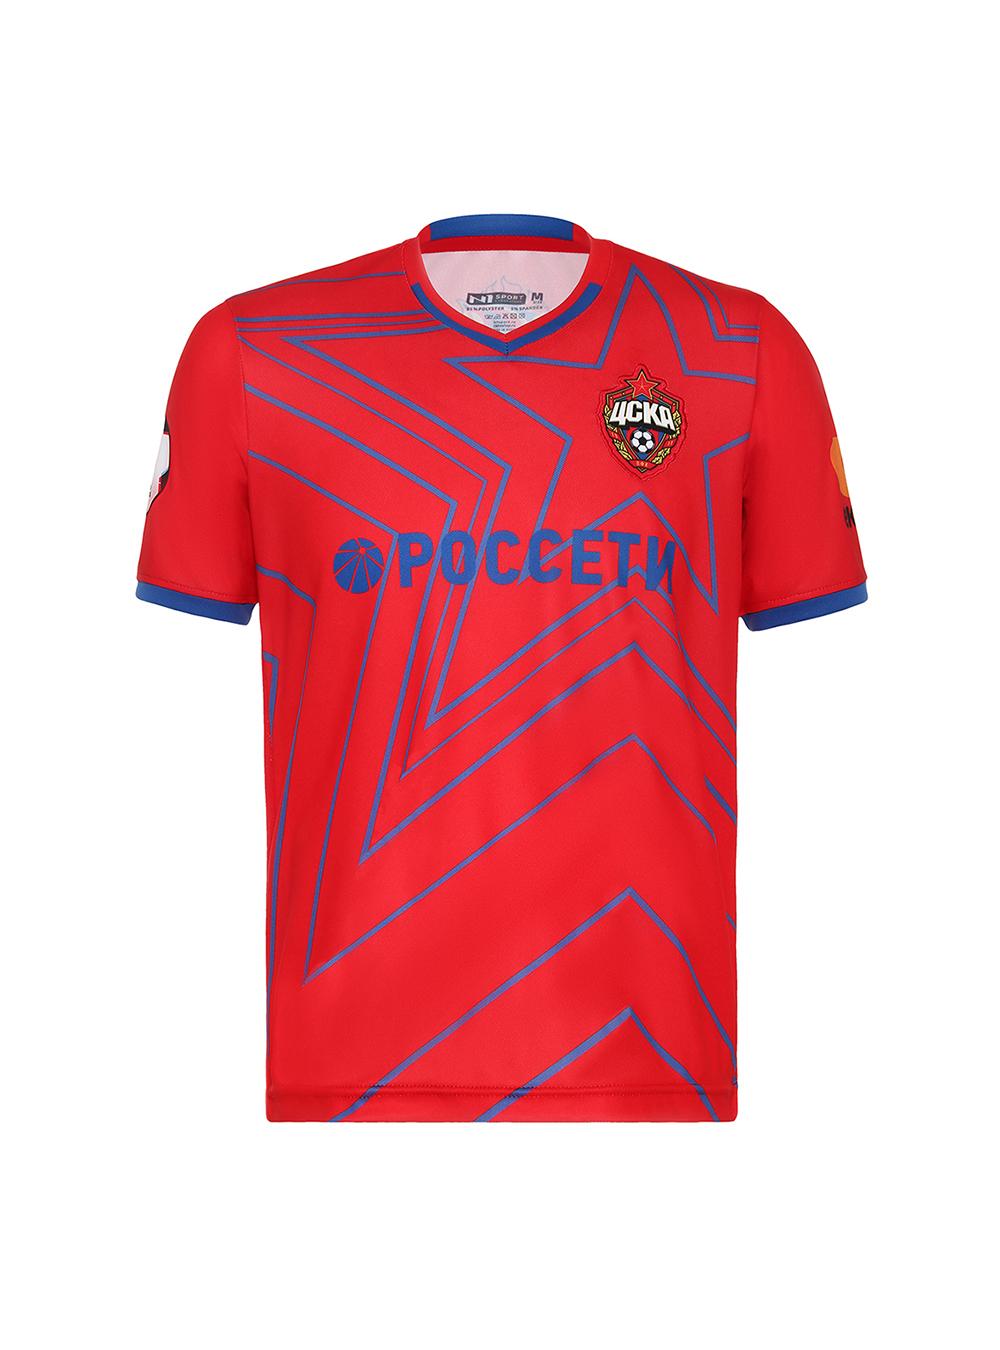 Купить Футболка детская домашняя реплика 2019/2020 (128) по Нижнему Новгороду